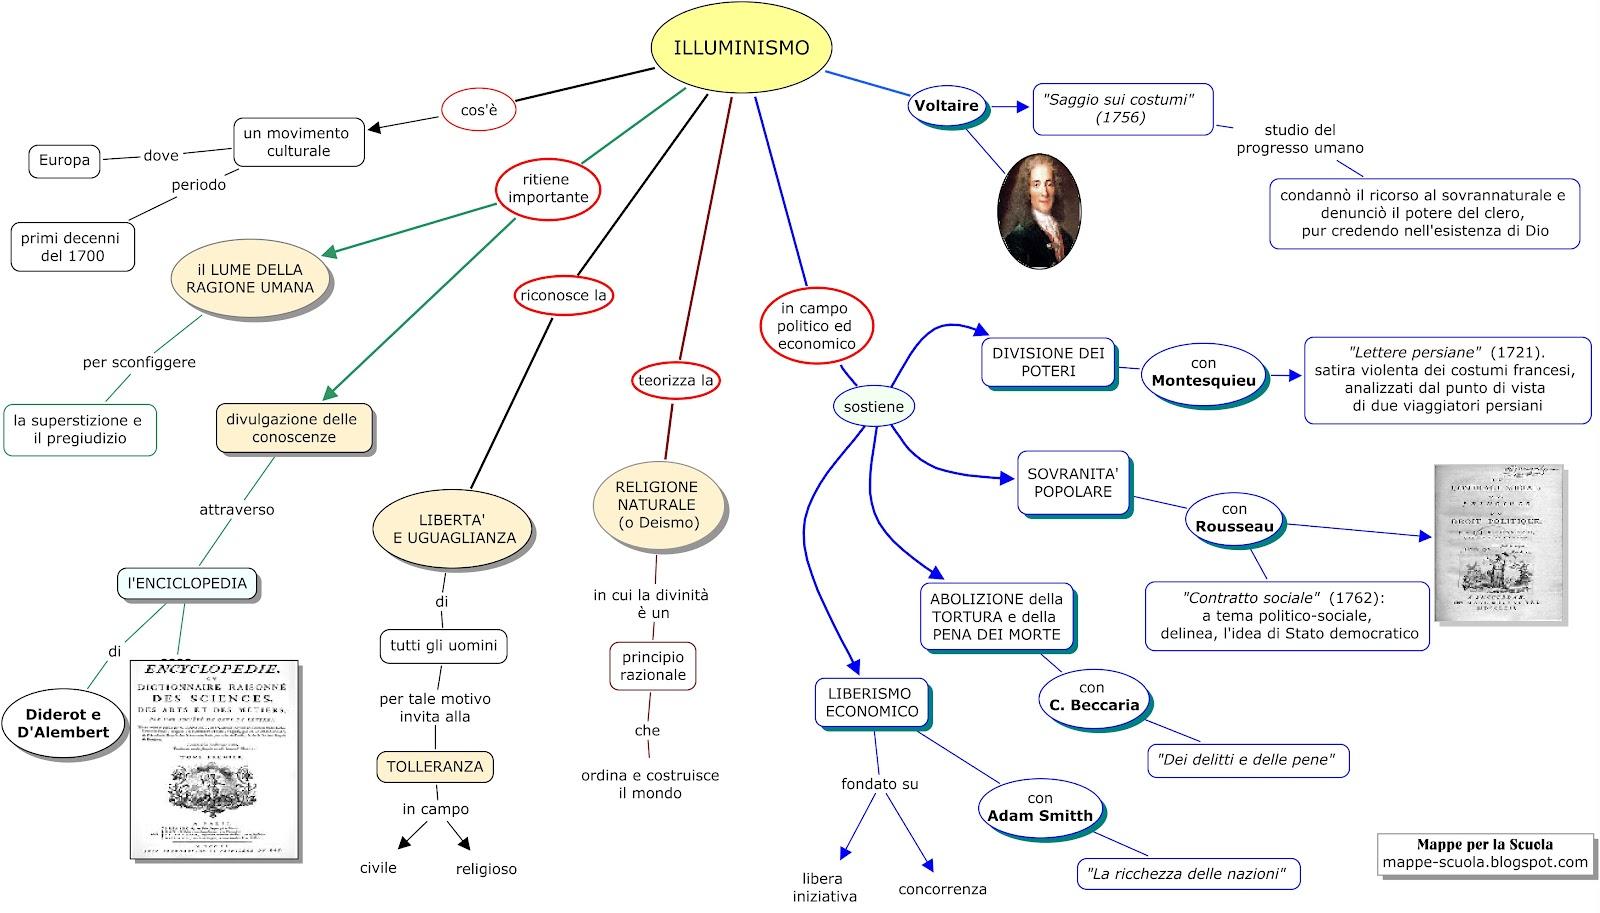 Mappa concettuale illuminismo mappa concettuale per storia for Piani storici per la seconda casa dell impero